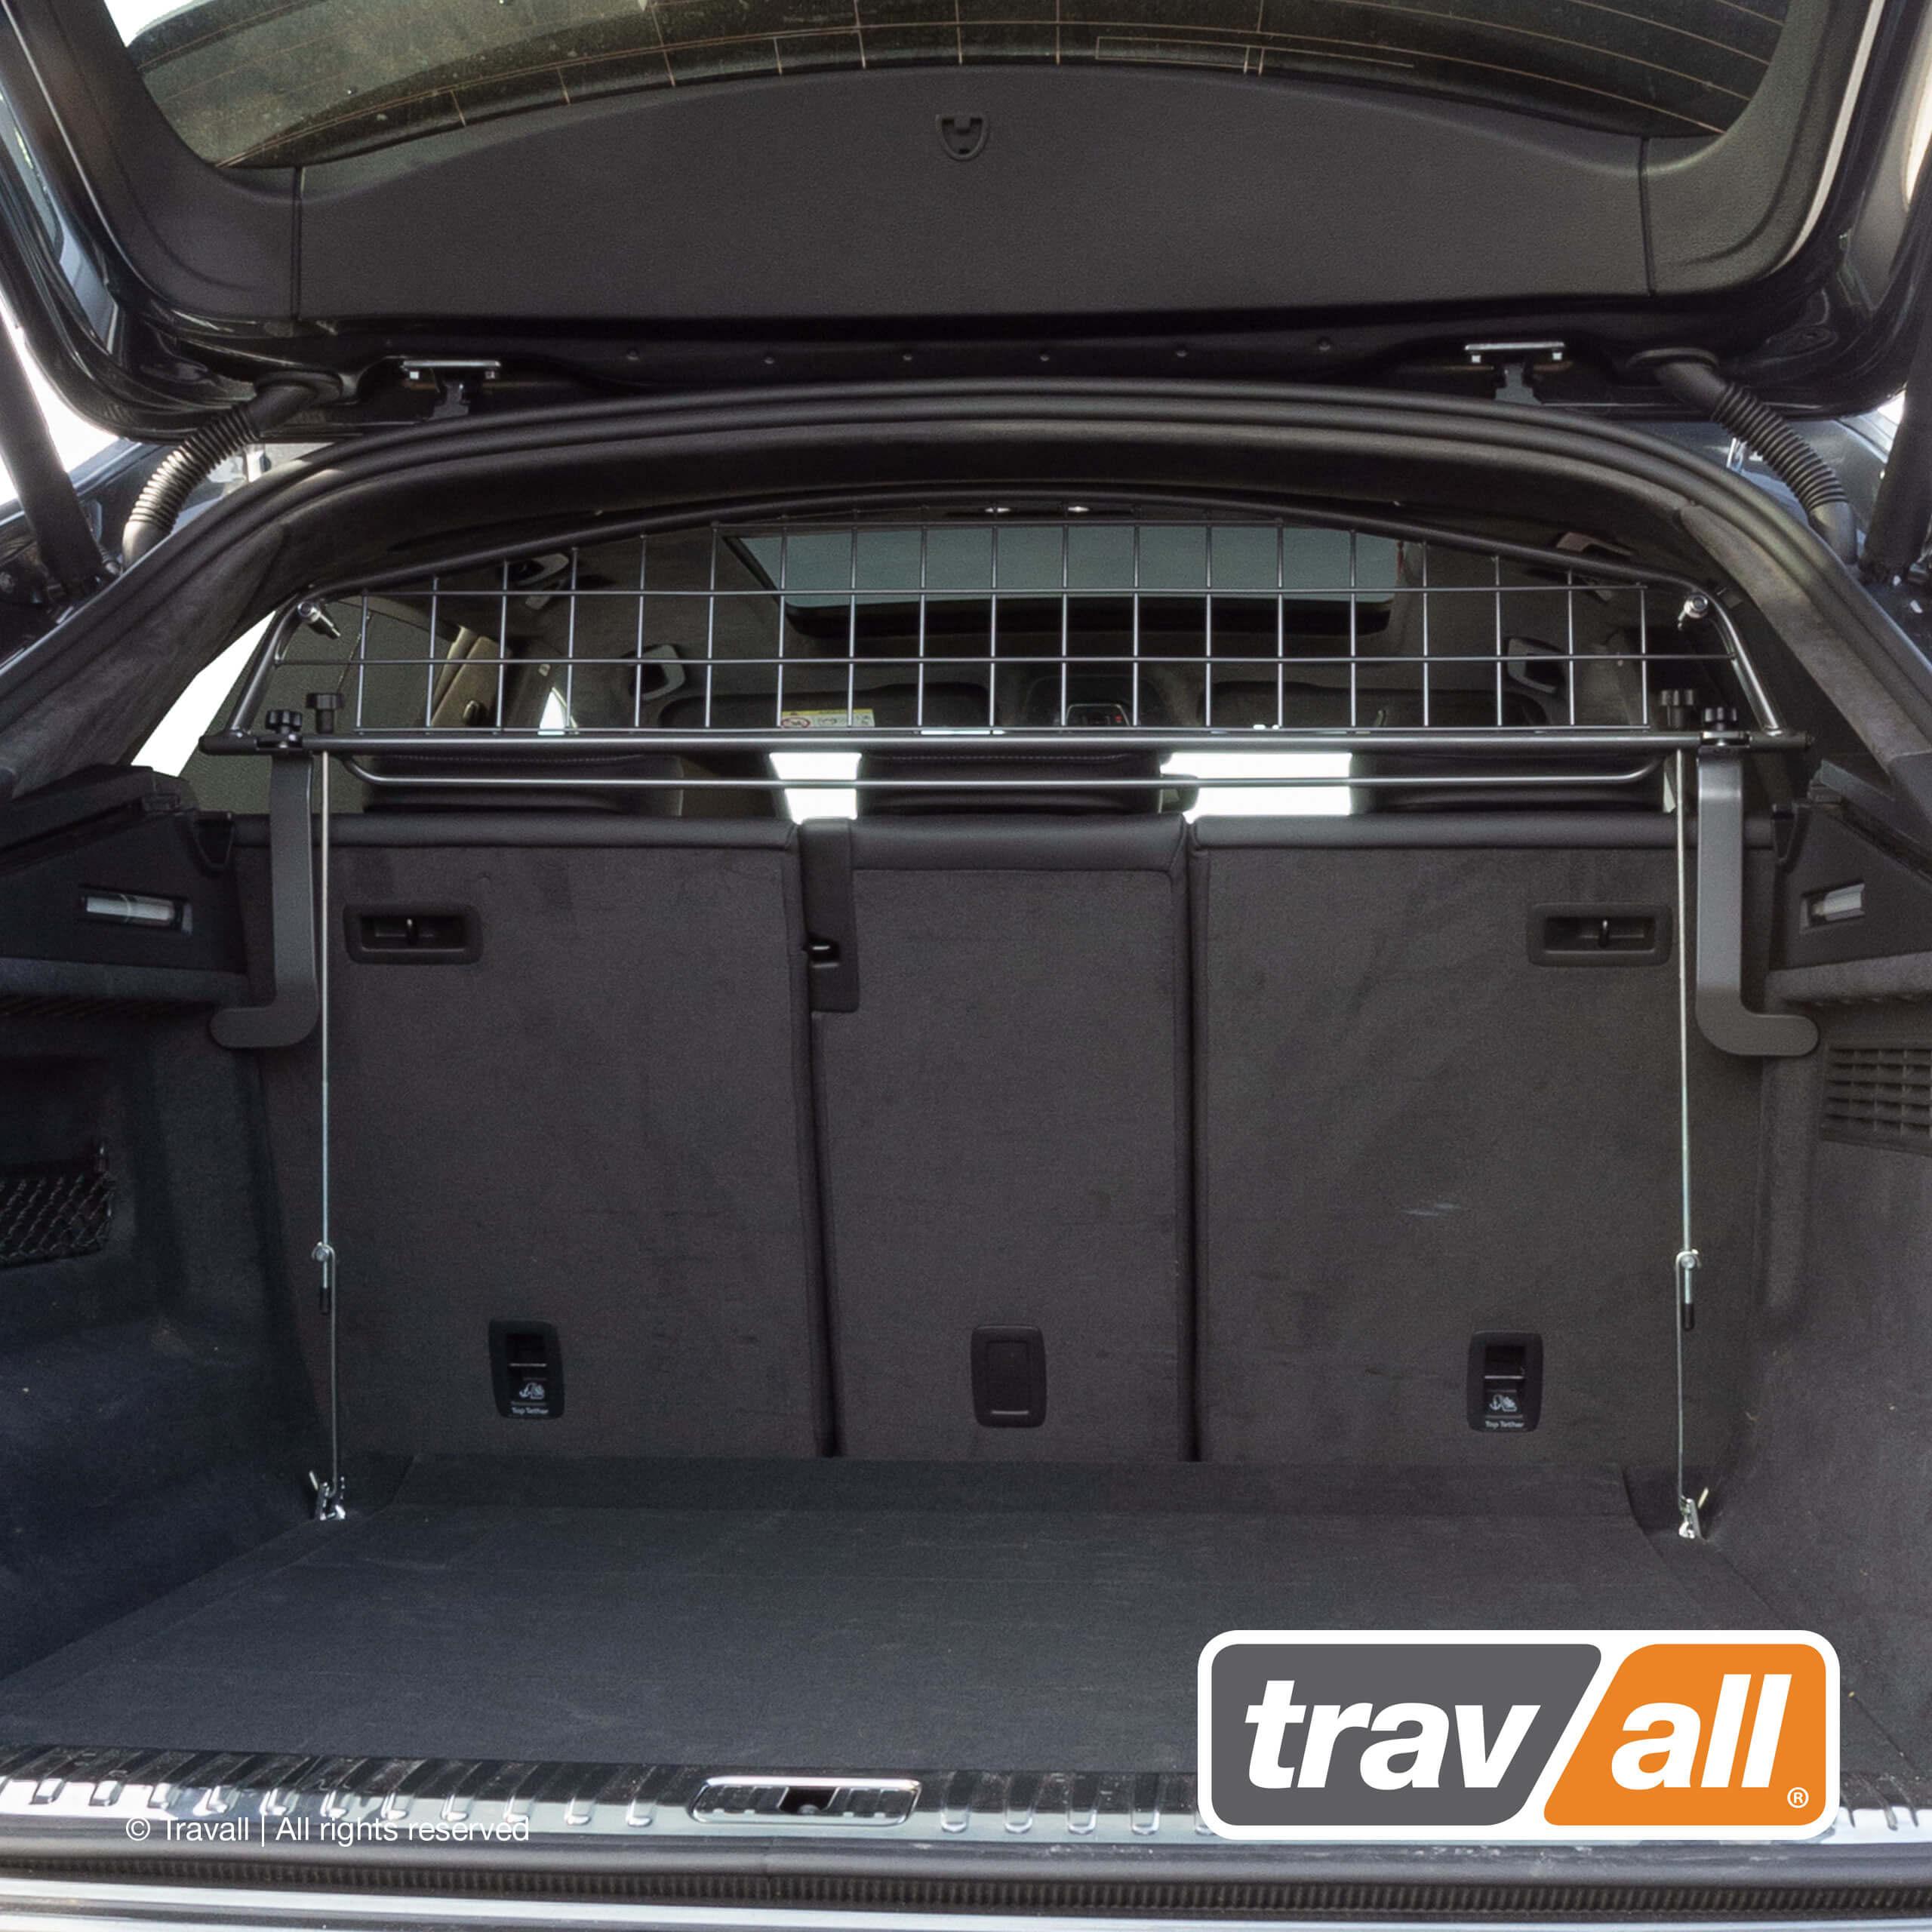 Travall hat ein neues Hundegitter für Audi Q8 entwickelt. Der Travall Guard TDG1625 wird ohne Veränderungen im Auto eingebaut und fügt sich perfekt in das elegante Interieur des Audi Q8 SUV-Coupés ein.